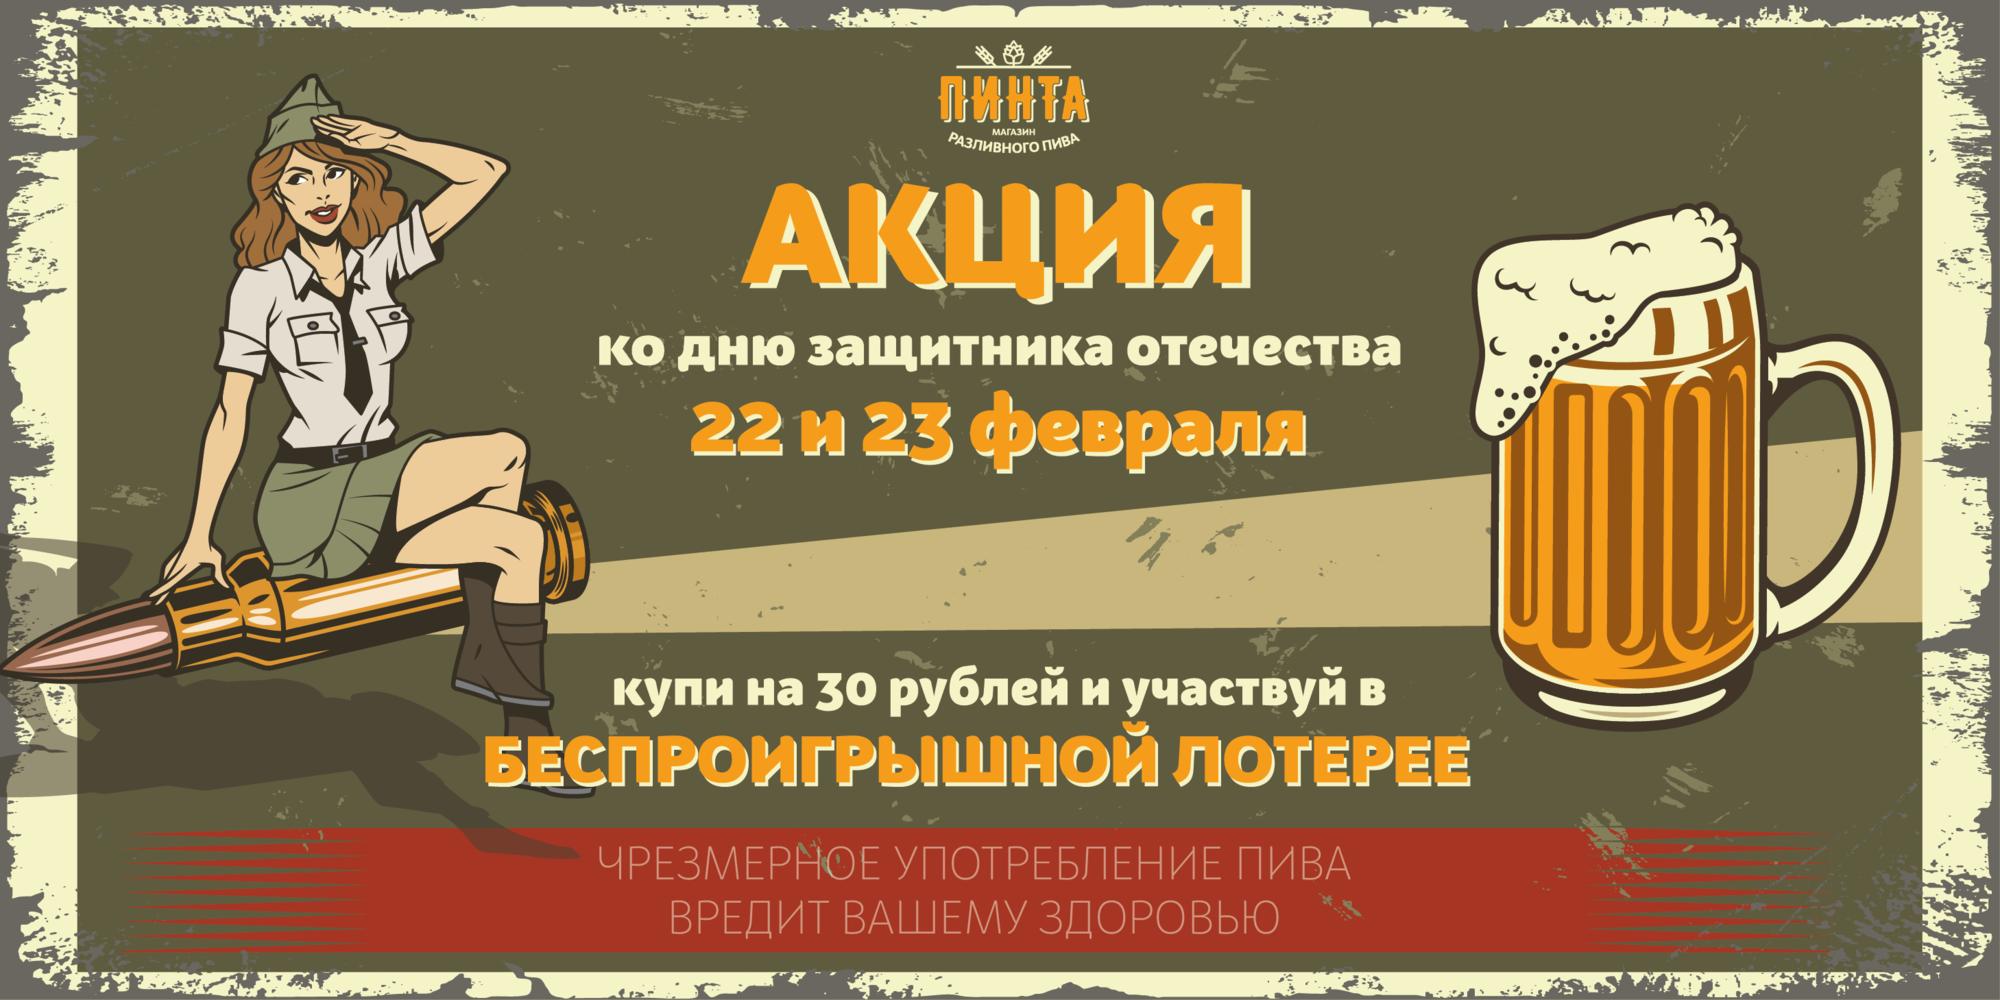 Акция ко Дню защитника Отечества в магазинах «Пинта»